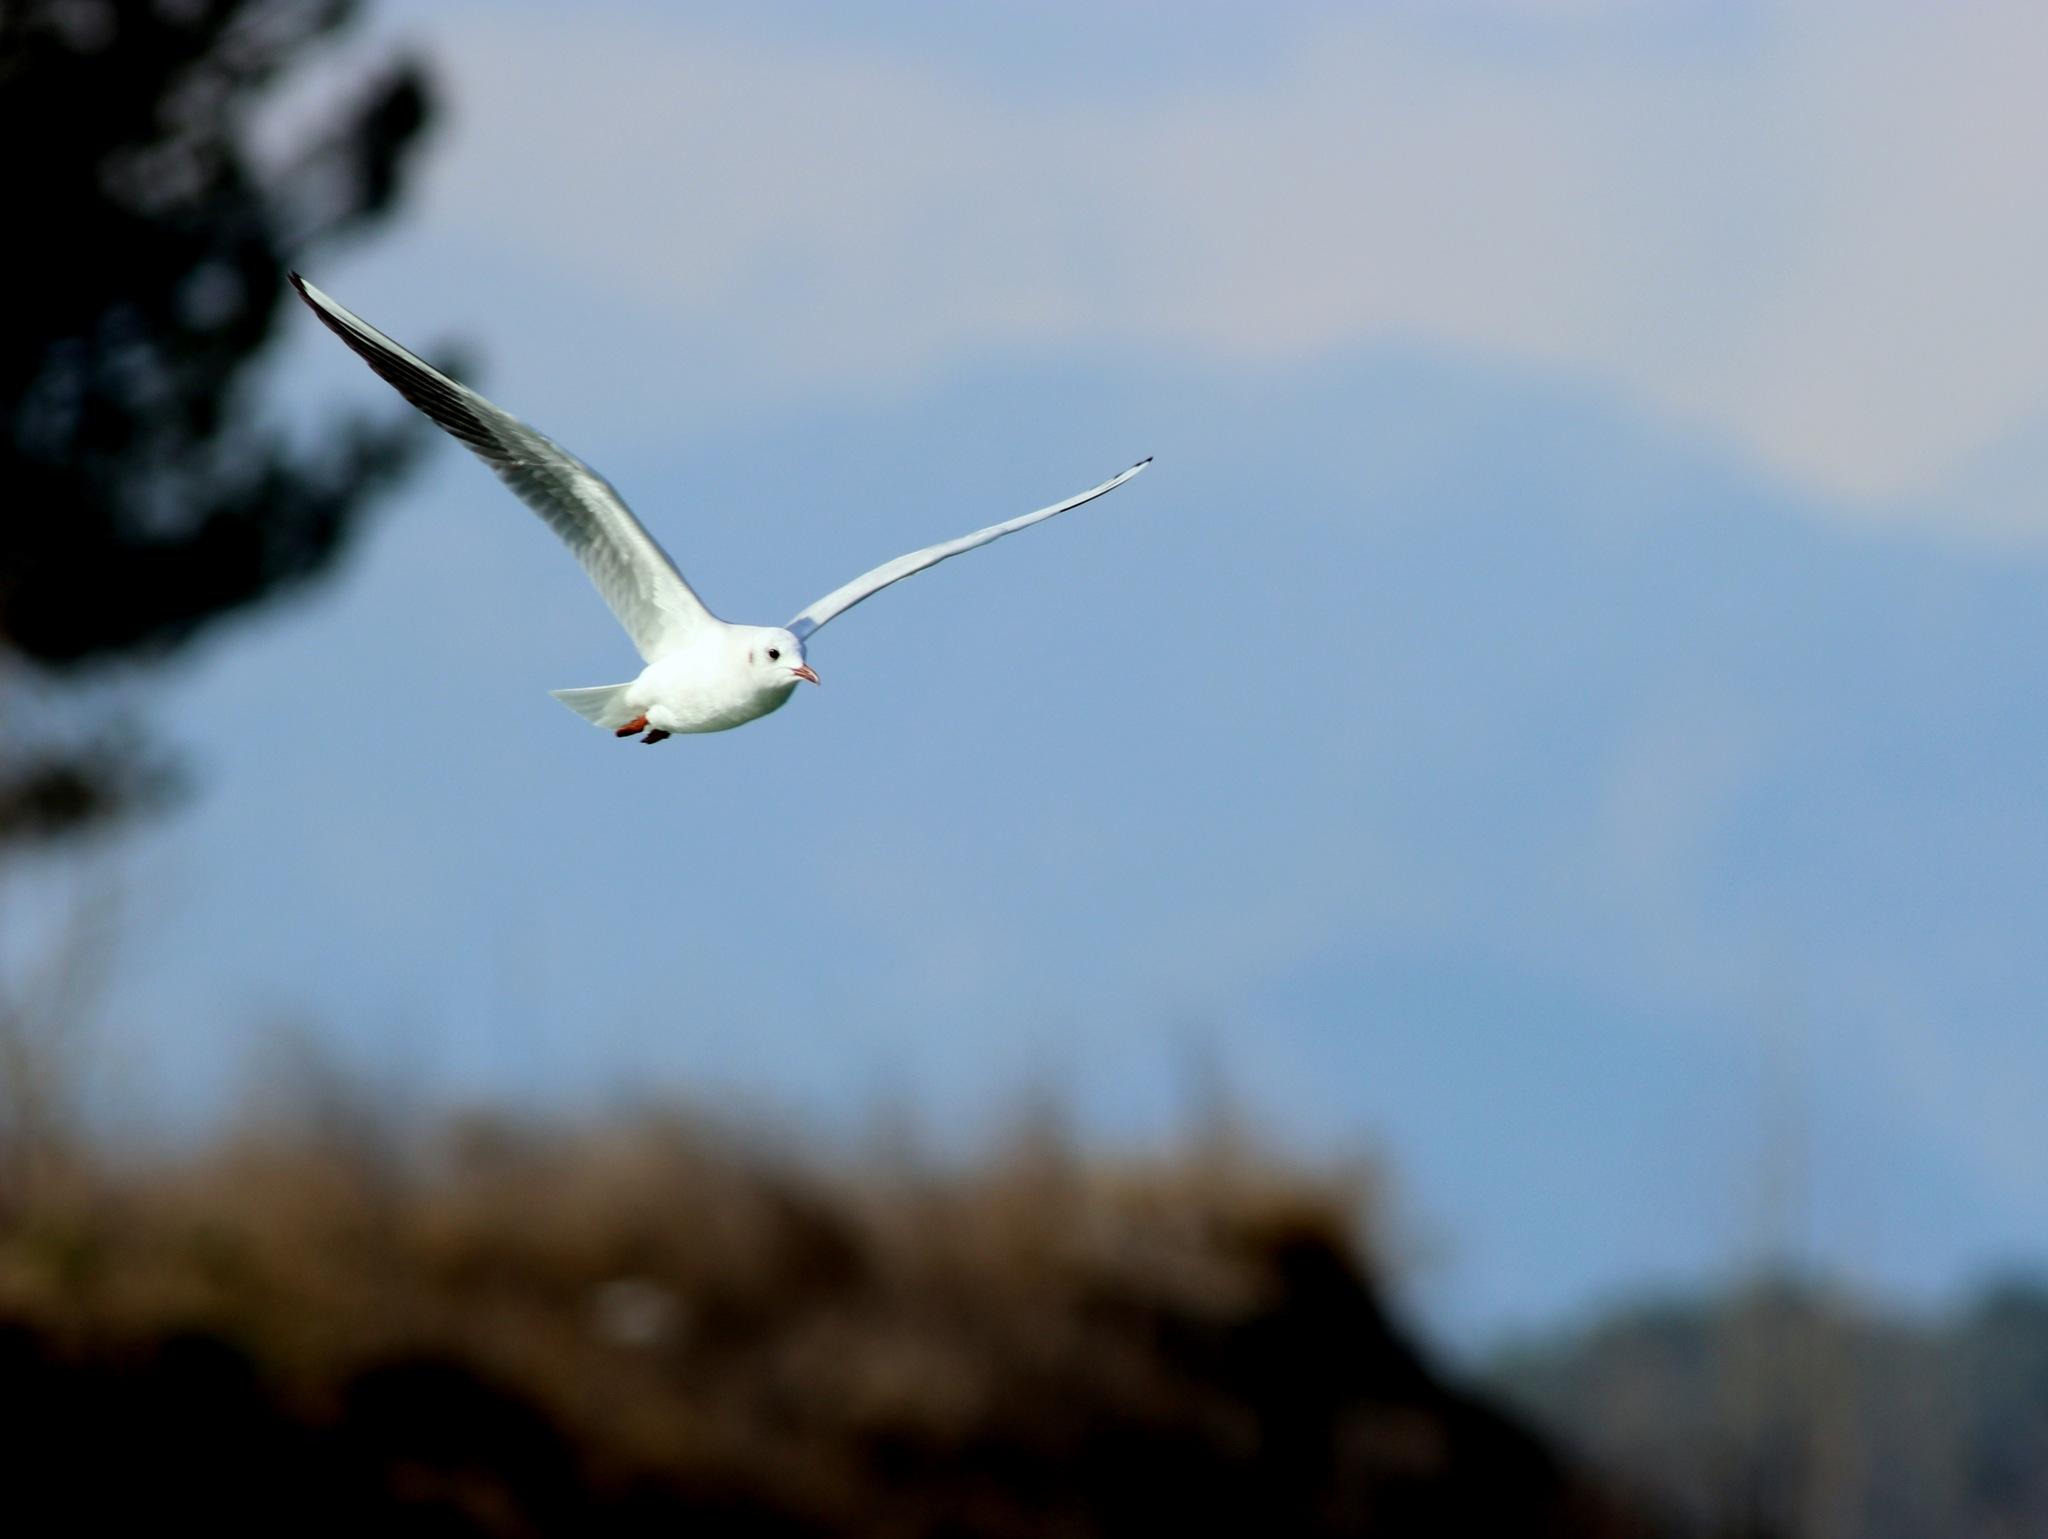 Flight... by Bedirhan Küpeli